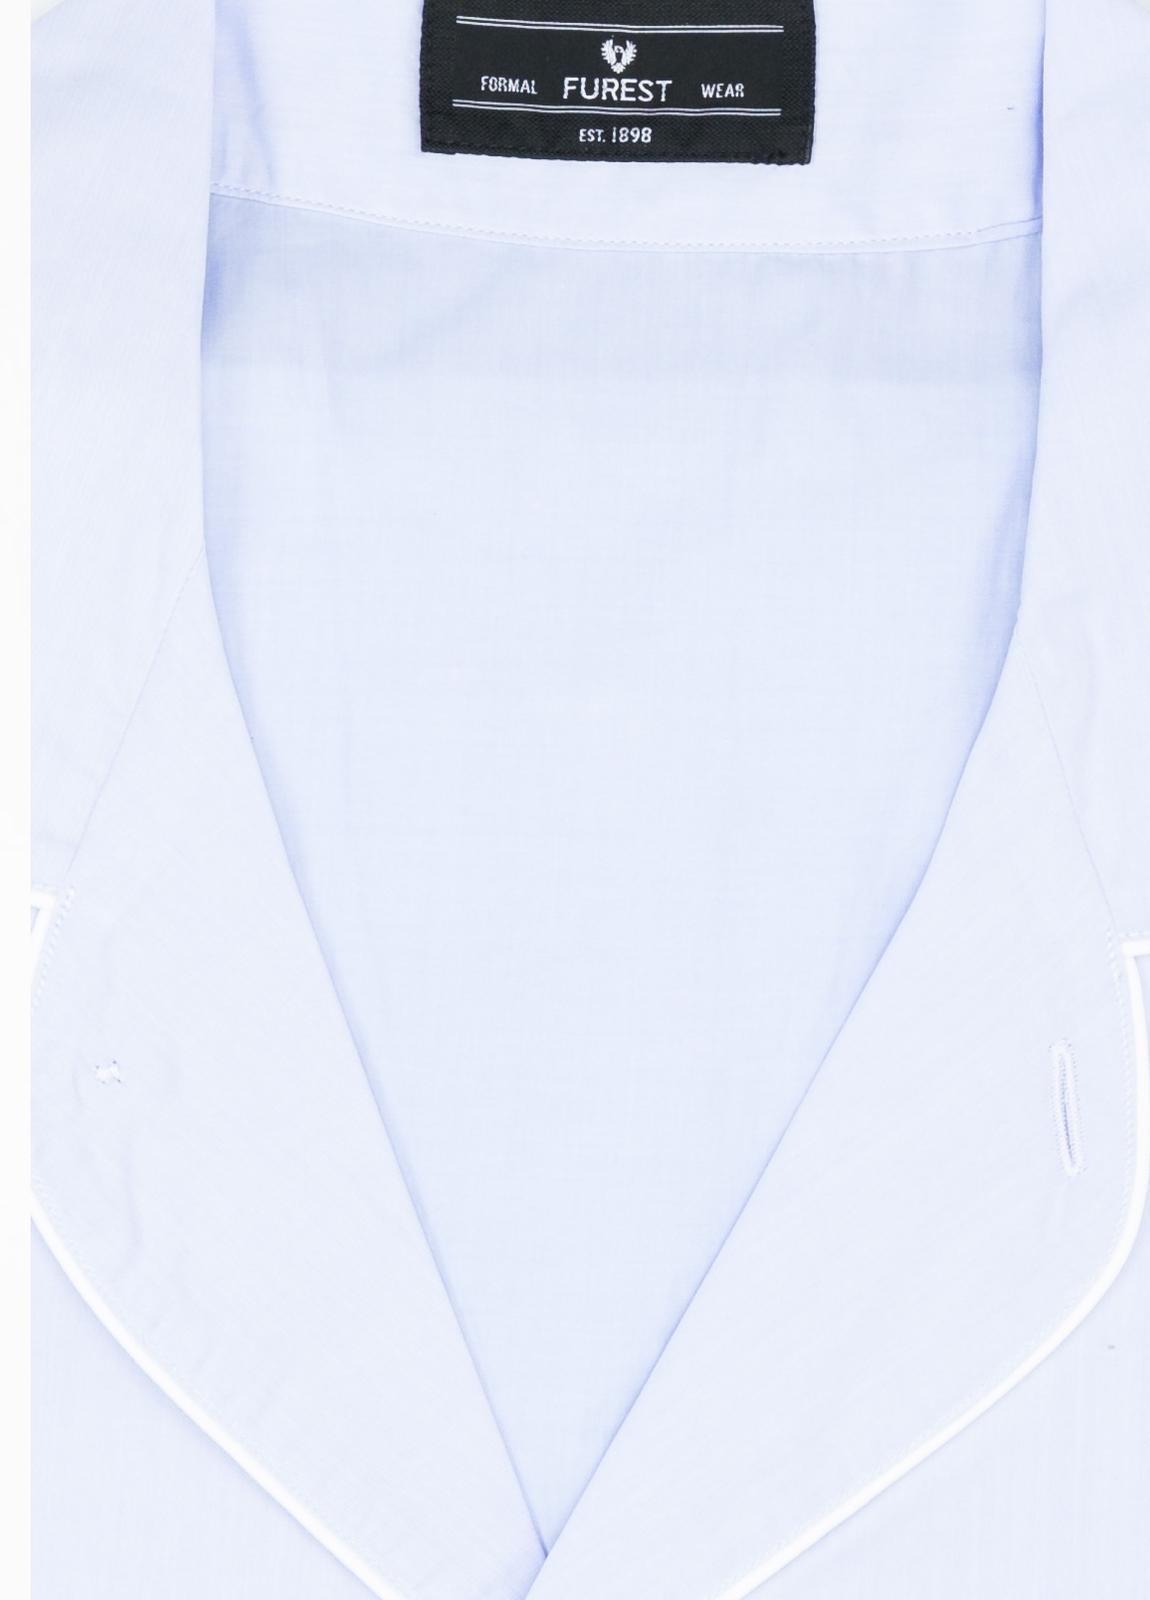 Pijama LARGO dos piezas, pantalón largo con cinta no elástica y funda incluida color celeste liso, 100% Algodón. - Ítem1